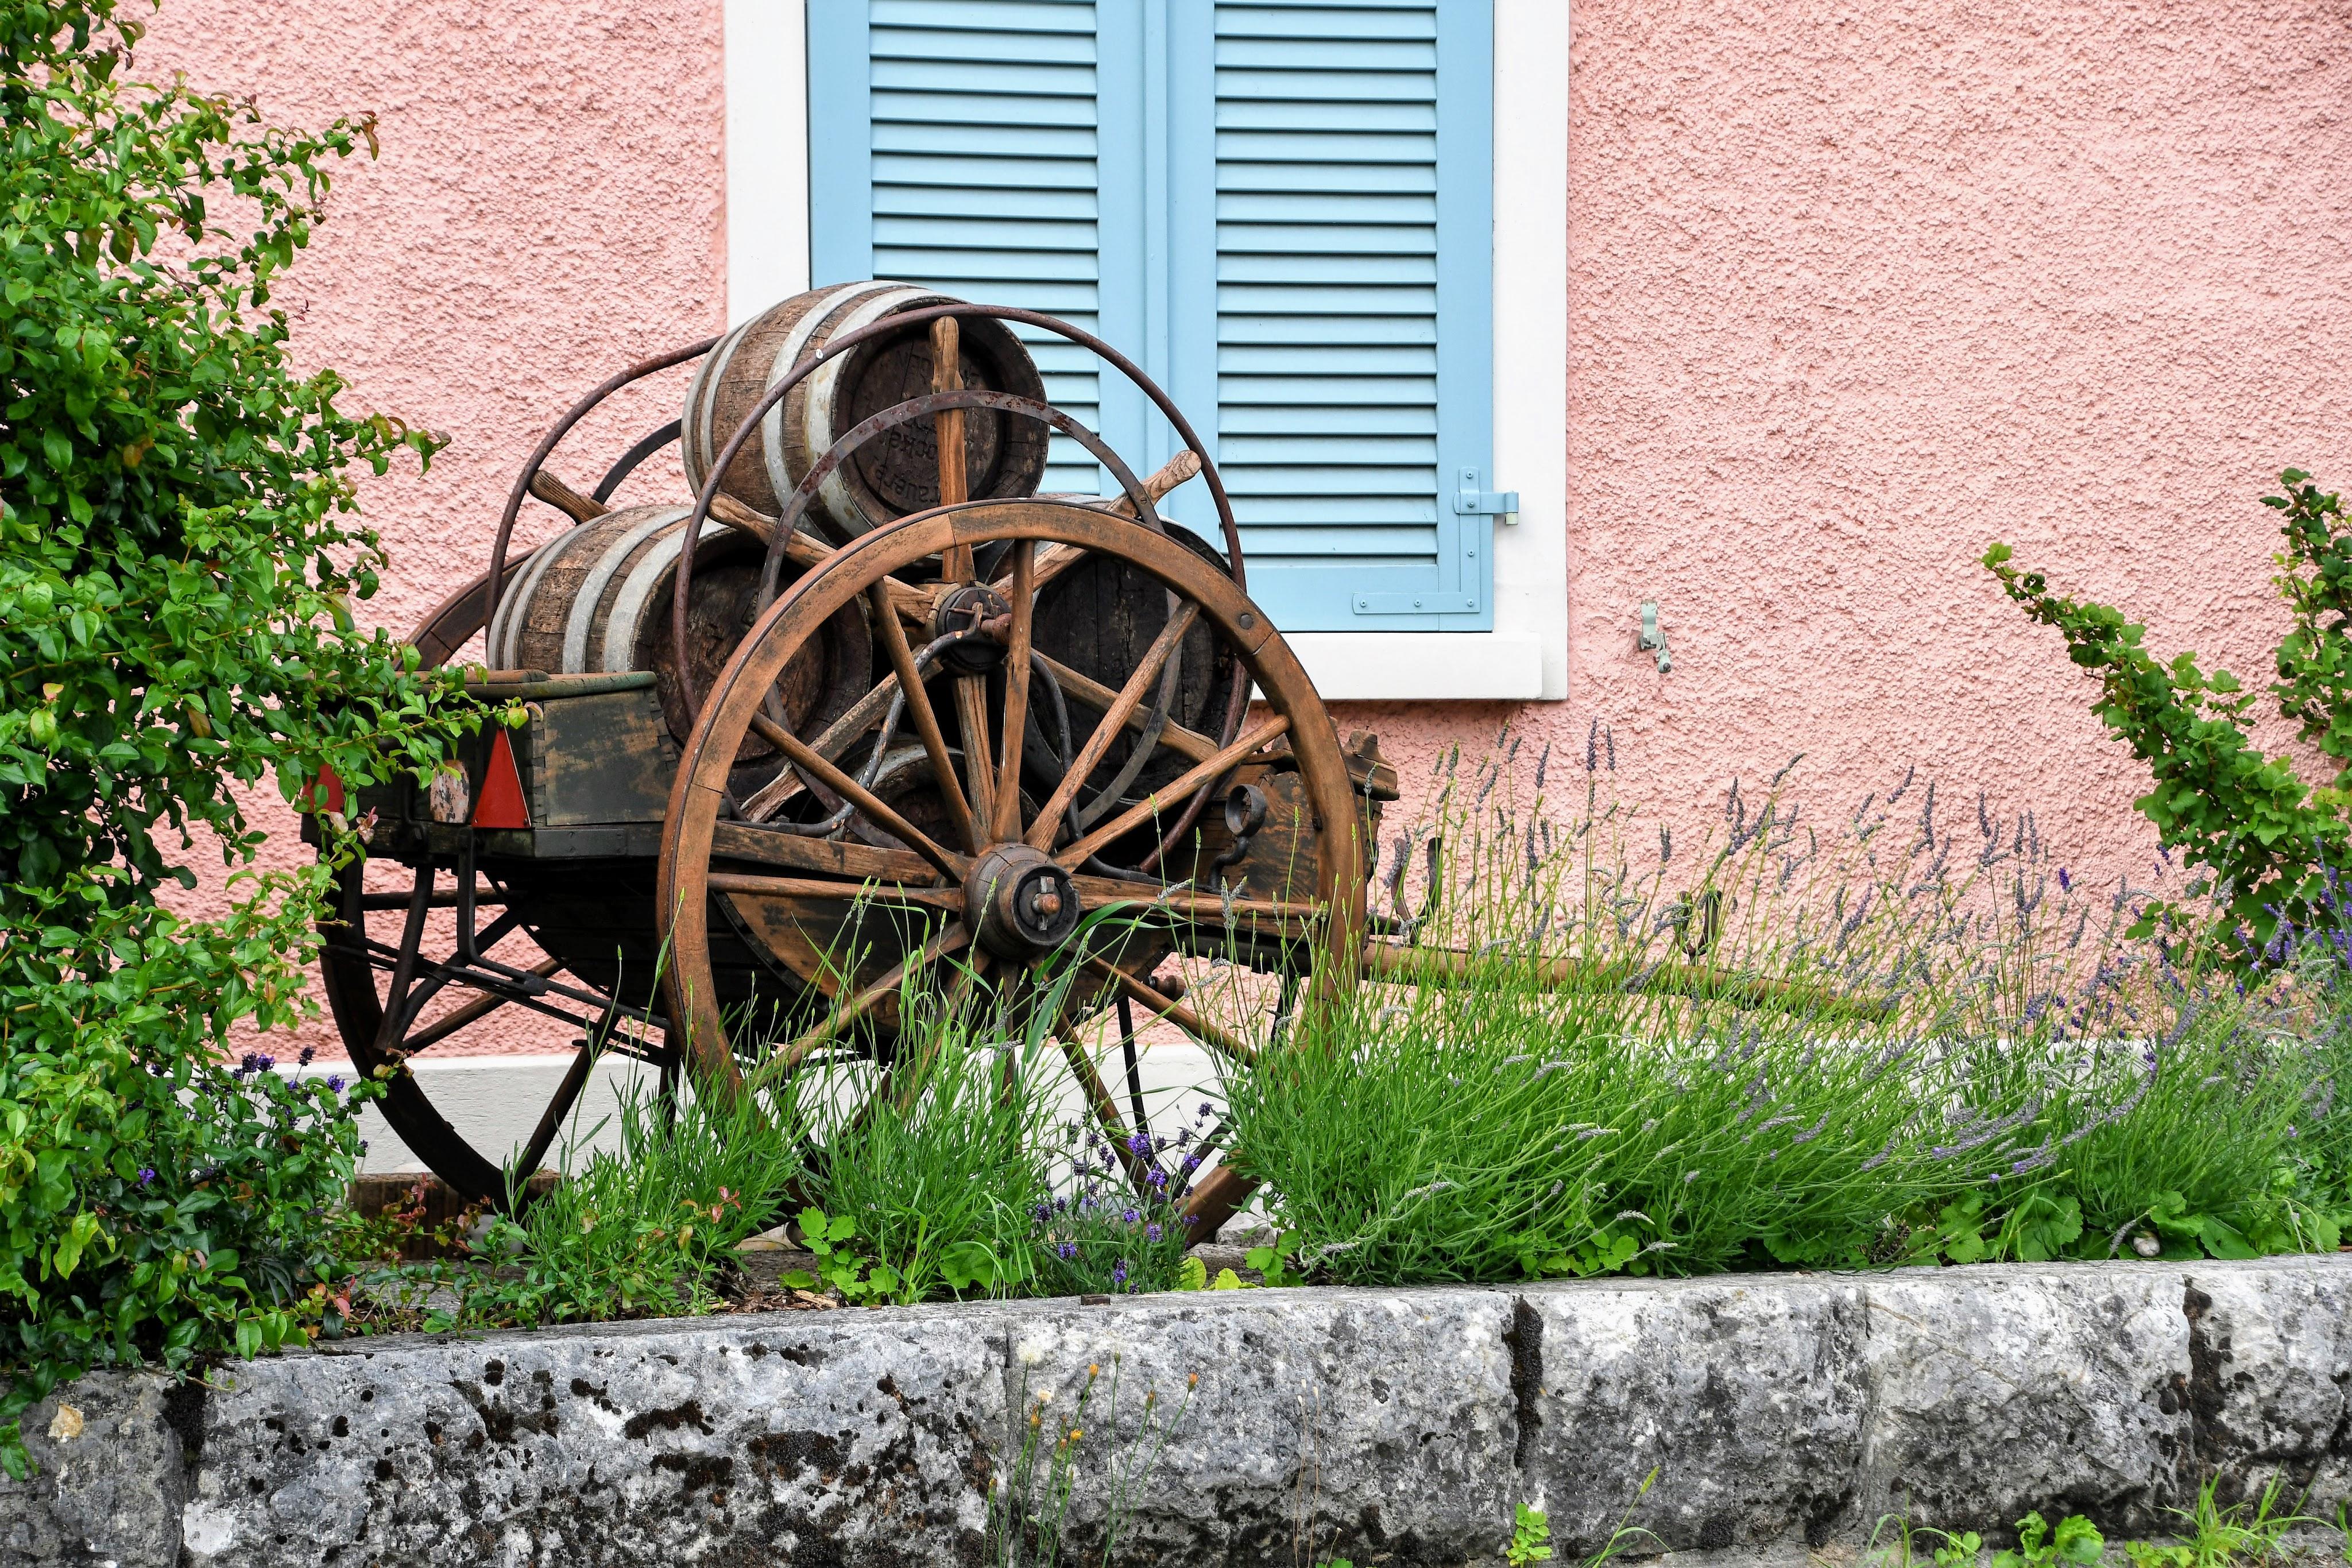 wheelbarrow-and-barrels-18.06.2020